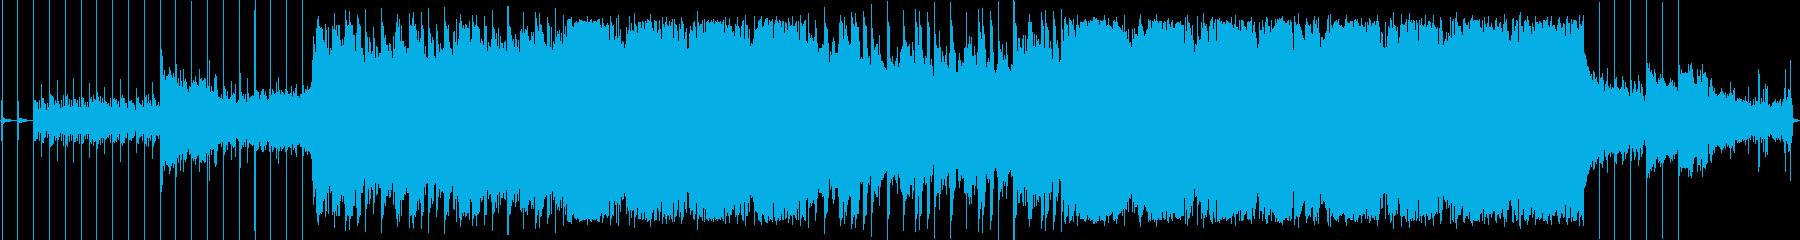 妖しいホラーな雰囲気のエレクトロ楽曲の再生済みの波形